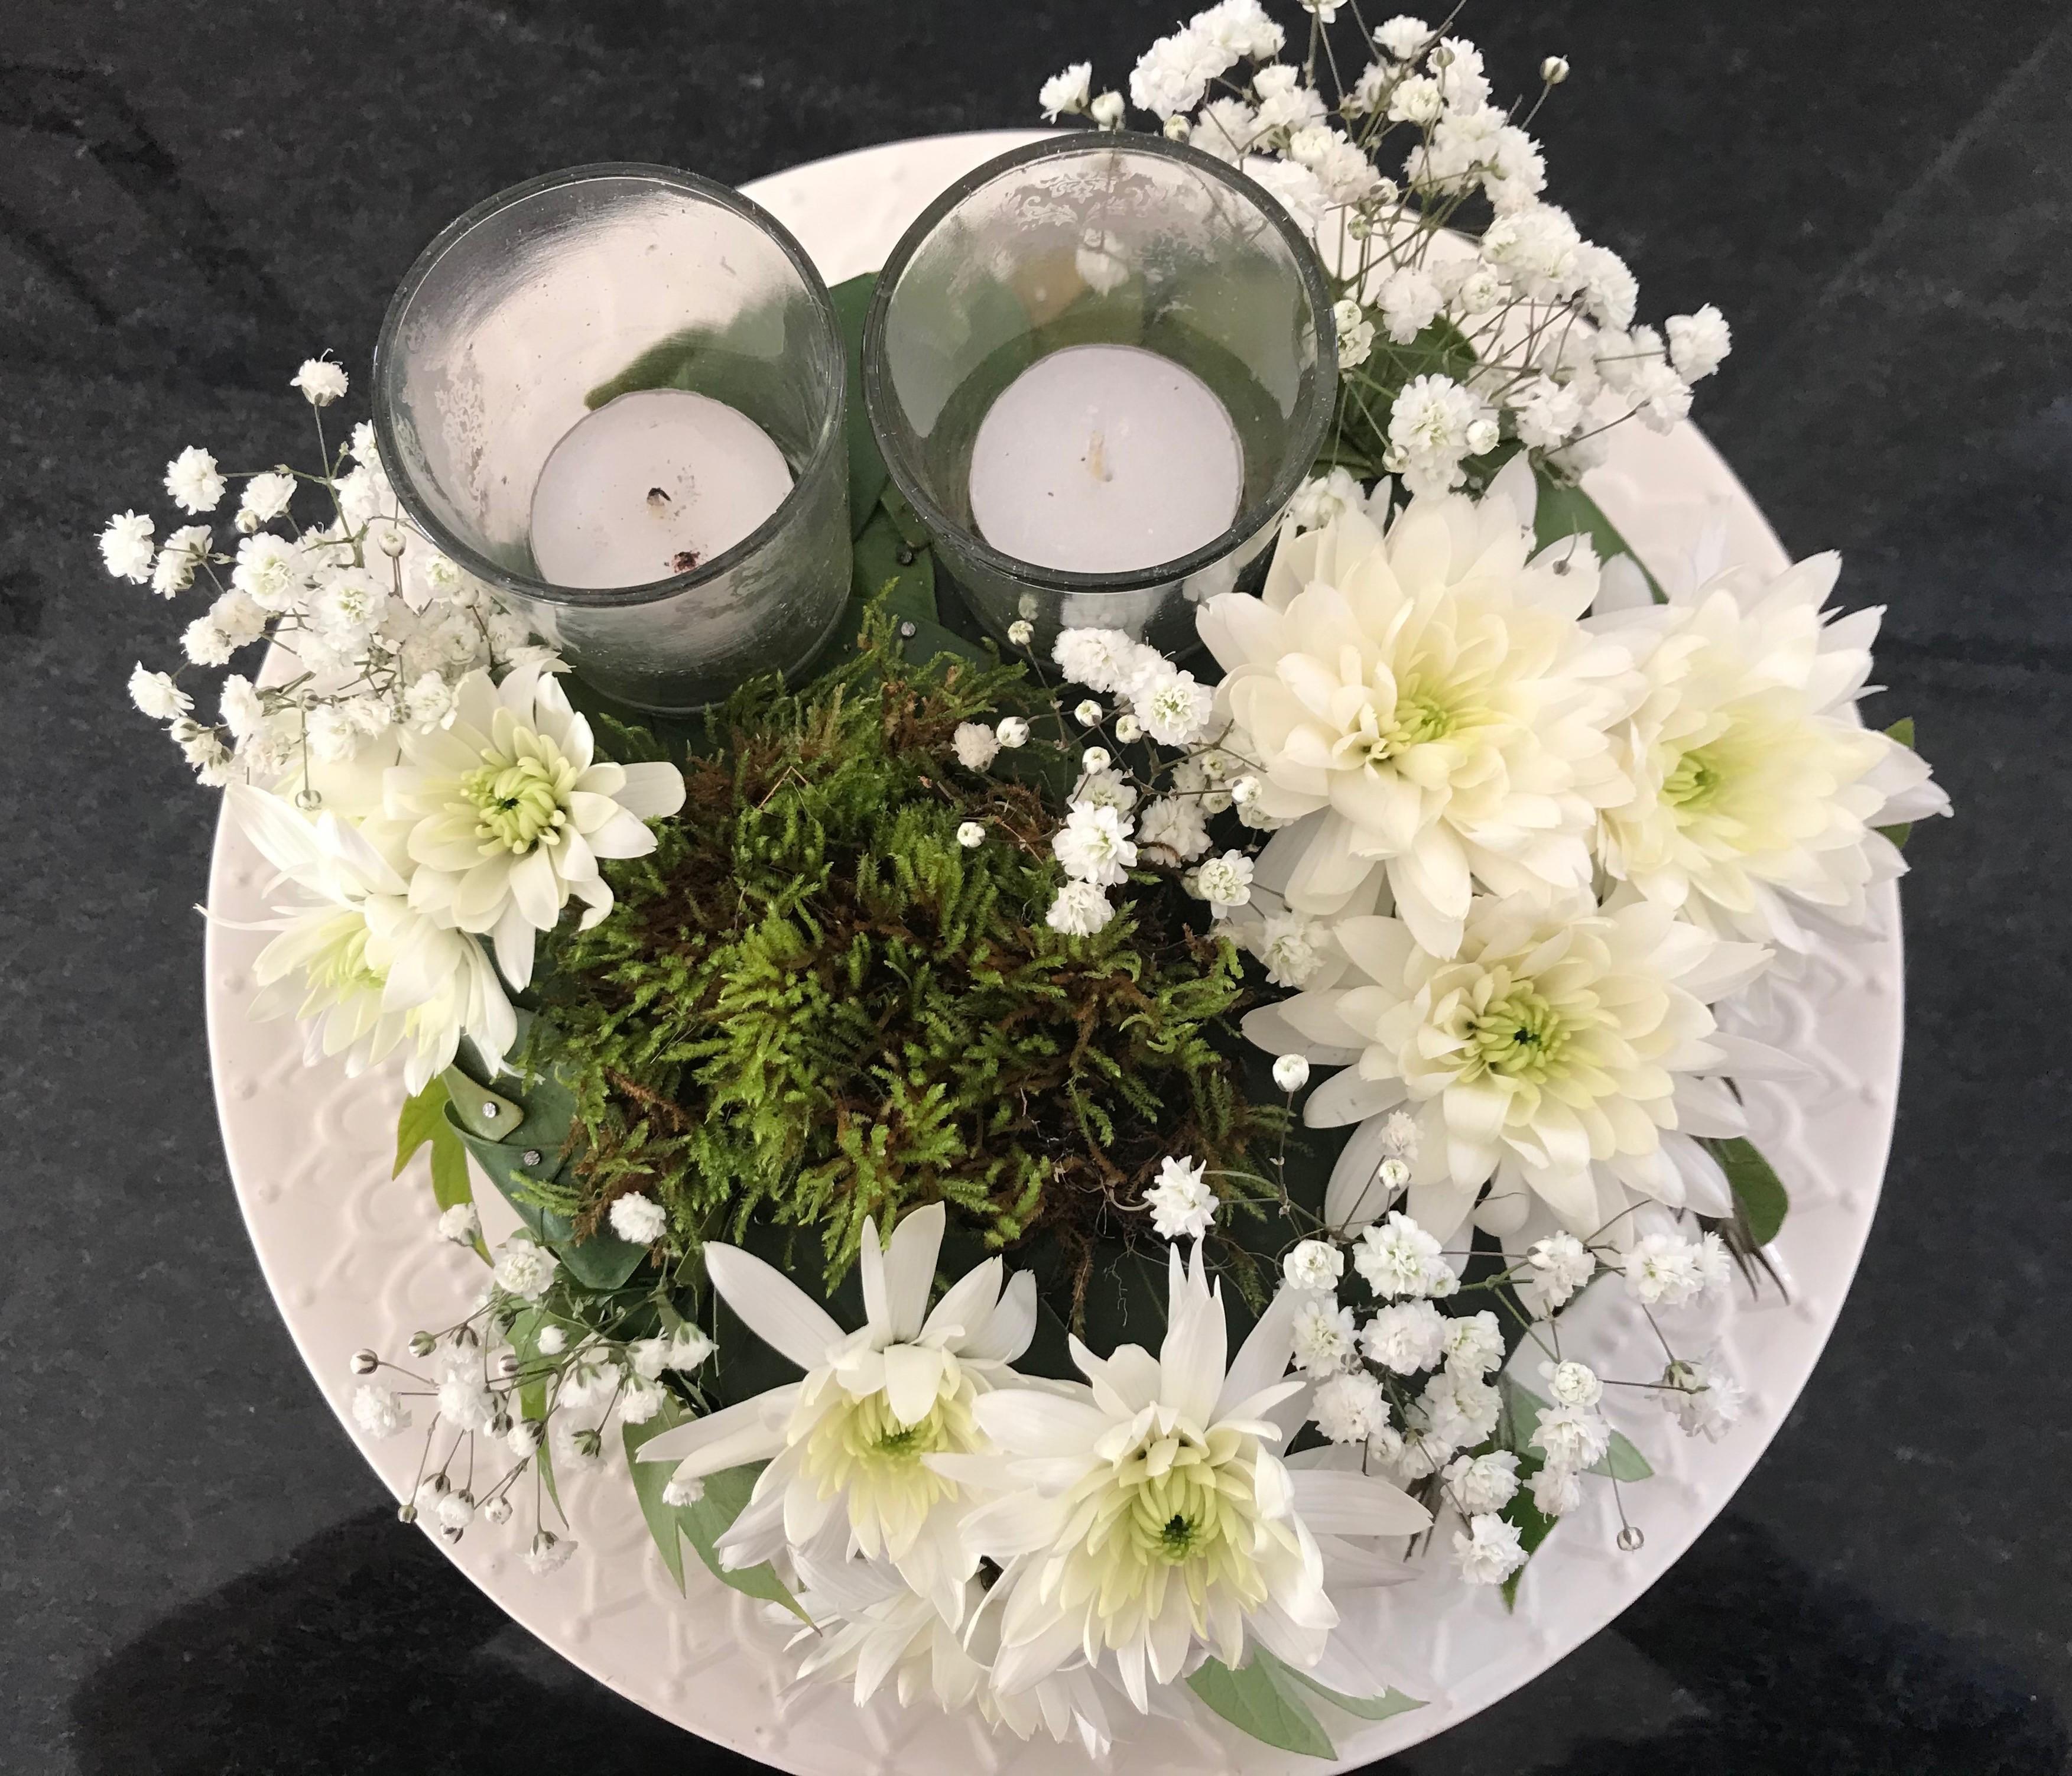 GR-001 | Bloementaart - in oasis   Joke's bloemschikken